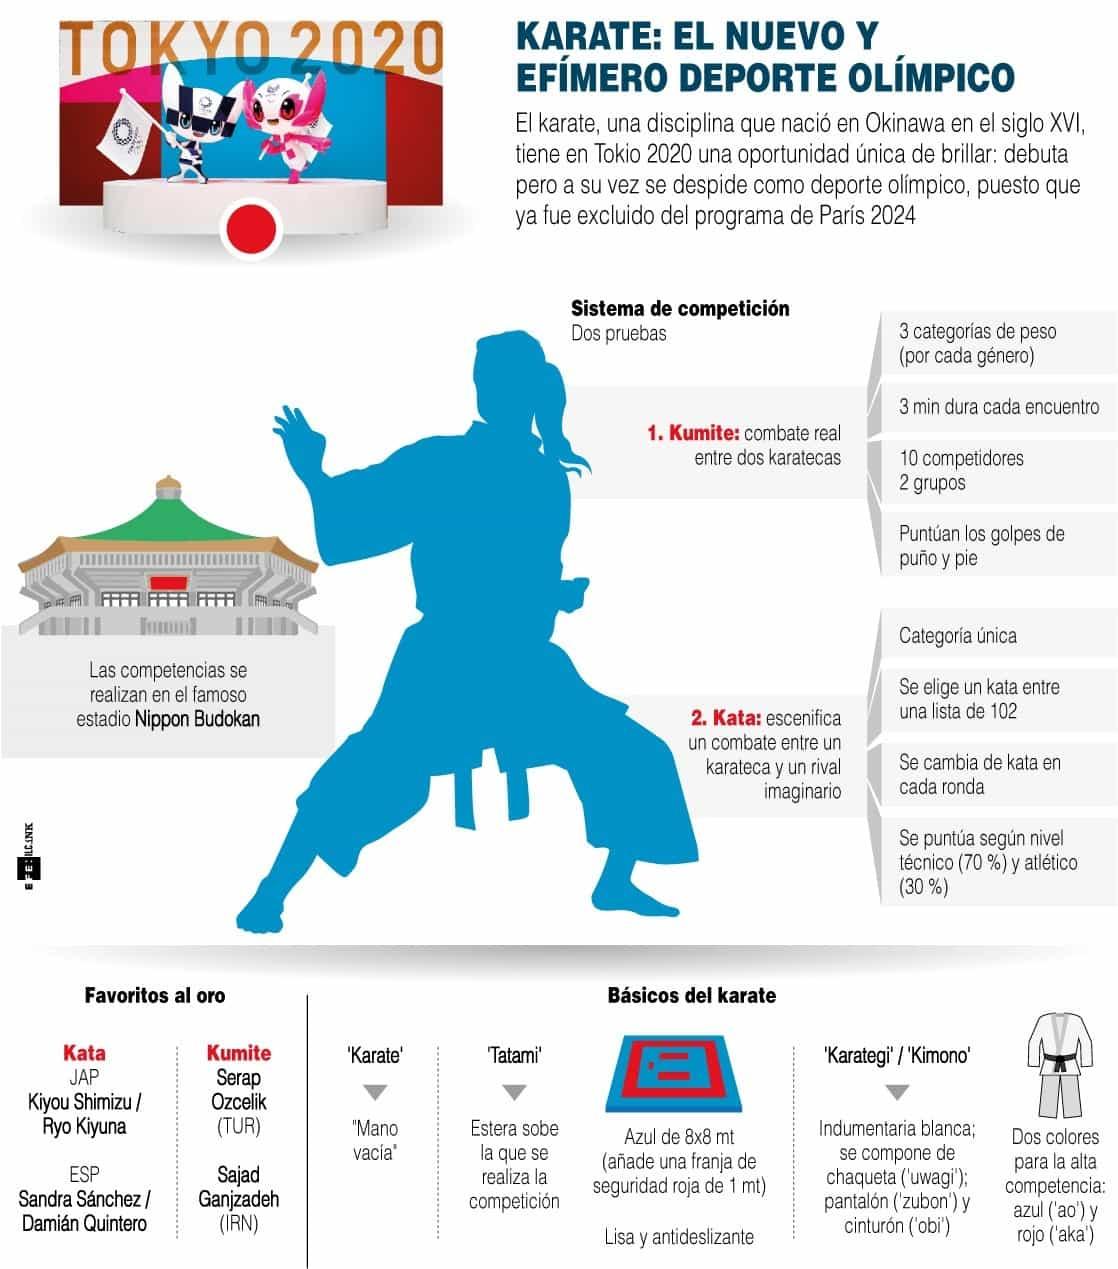 [Infografía] Karate: el nuevo y efímero deporte olímpico 1